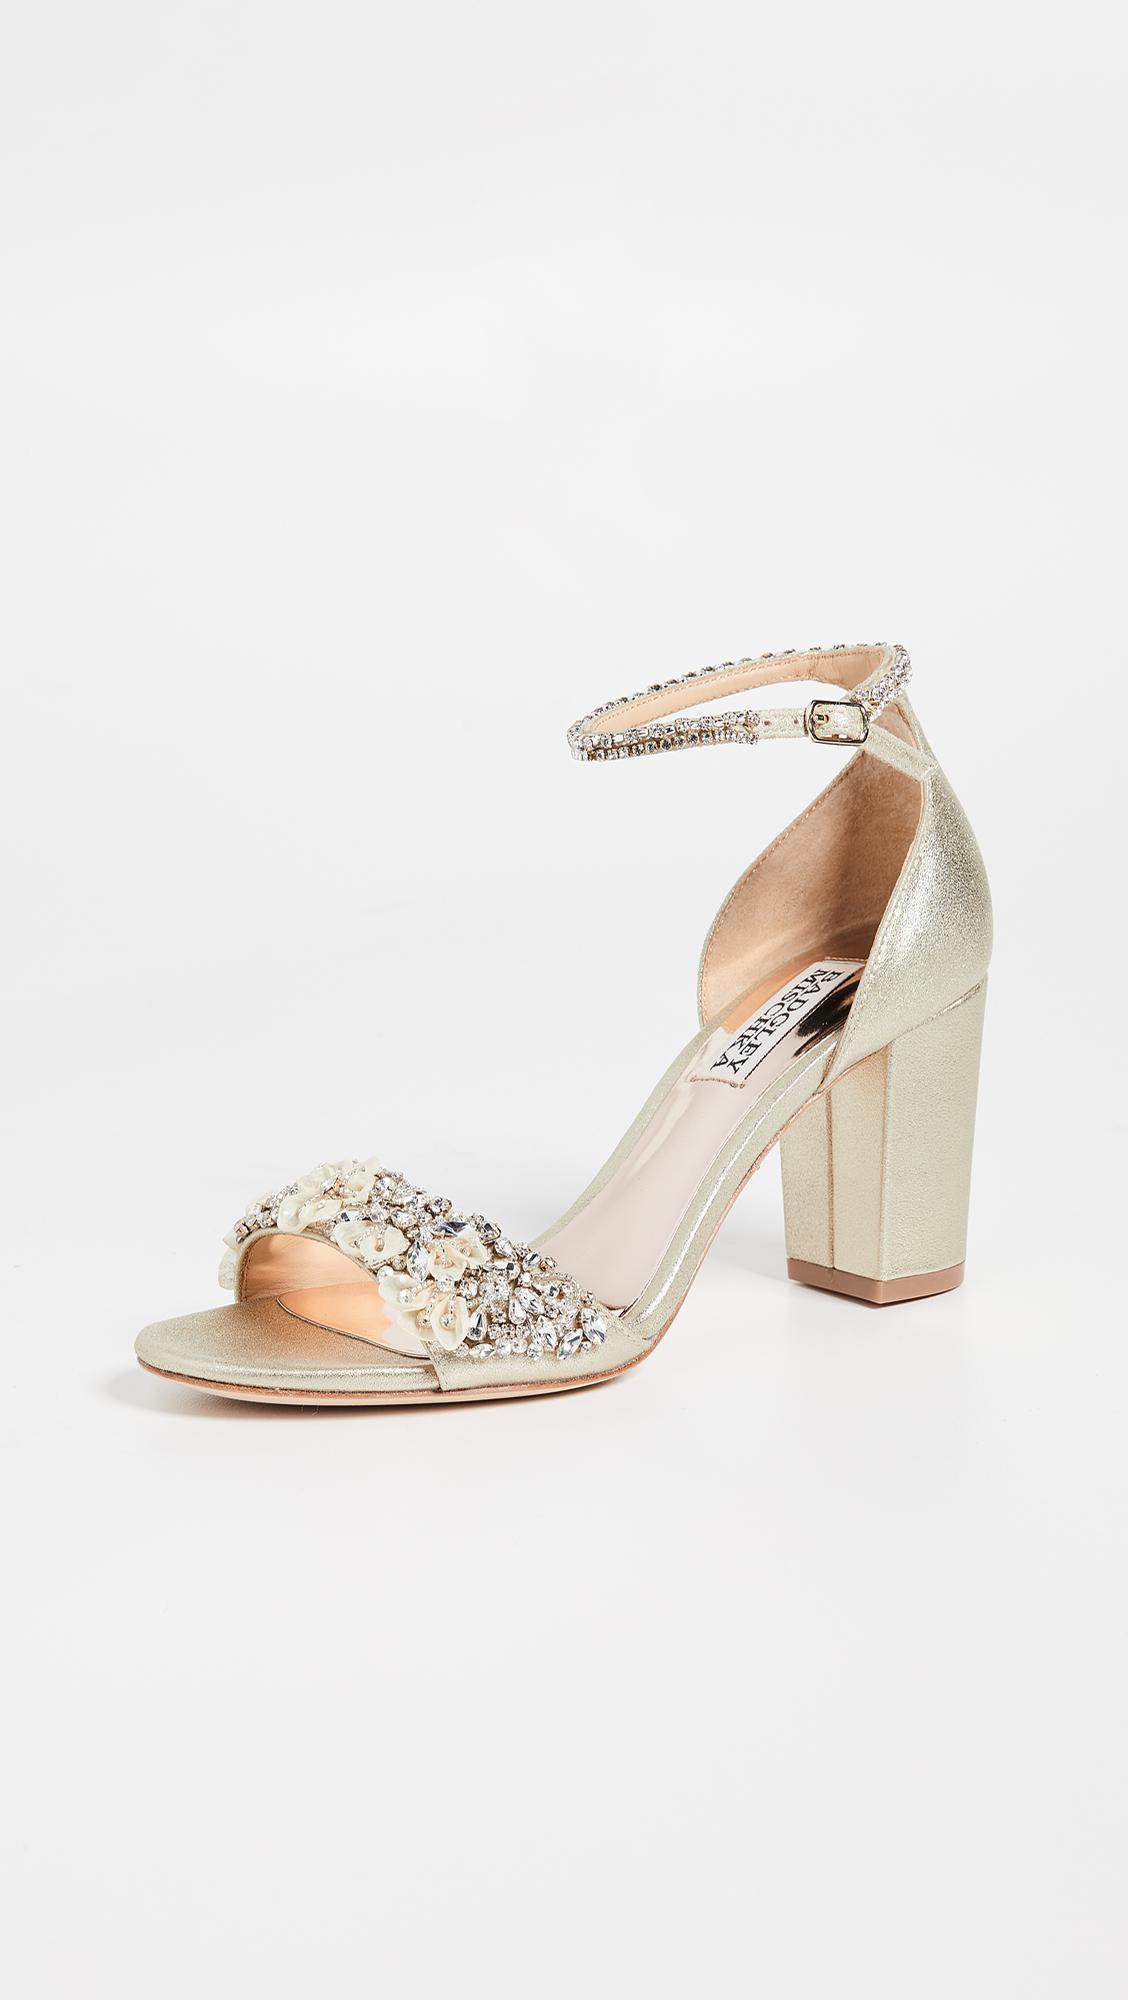 02a22c5c3 Badgley Mischka. Women s Finesse Ii Block Heel Sandals